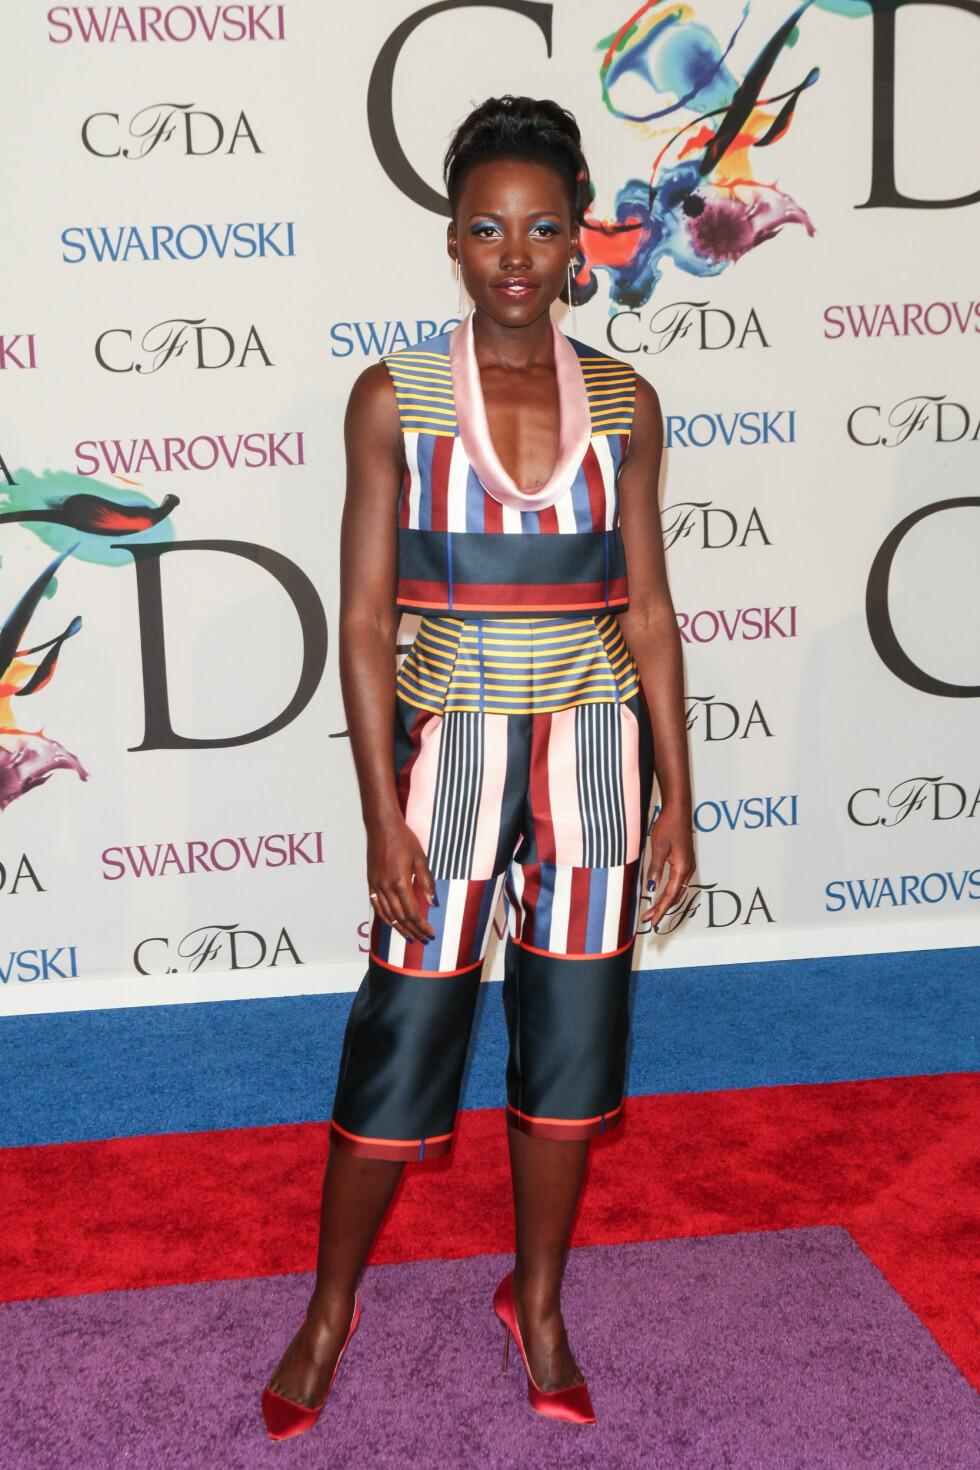 UTRADISJONELL: Oscar-vinner Lupita Nyongo. Foto: insight media/All Over Press